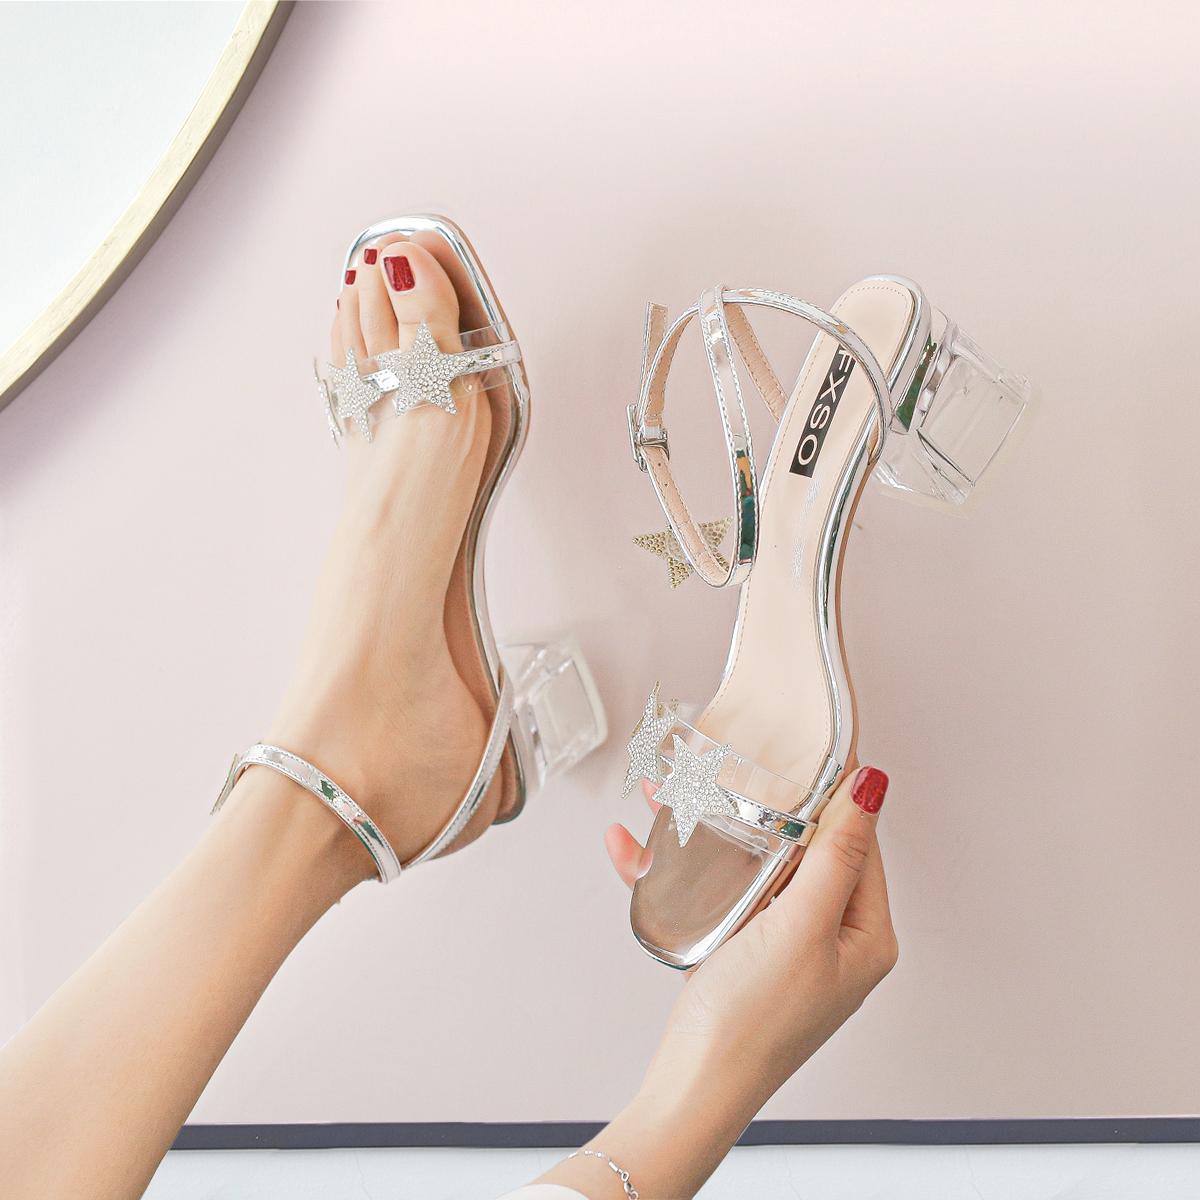 【新品价99元】2020夏季新款露趾女网红星星水钻一字带中粗跟凉鞋